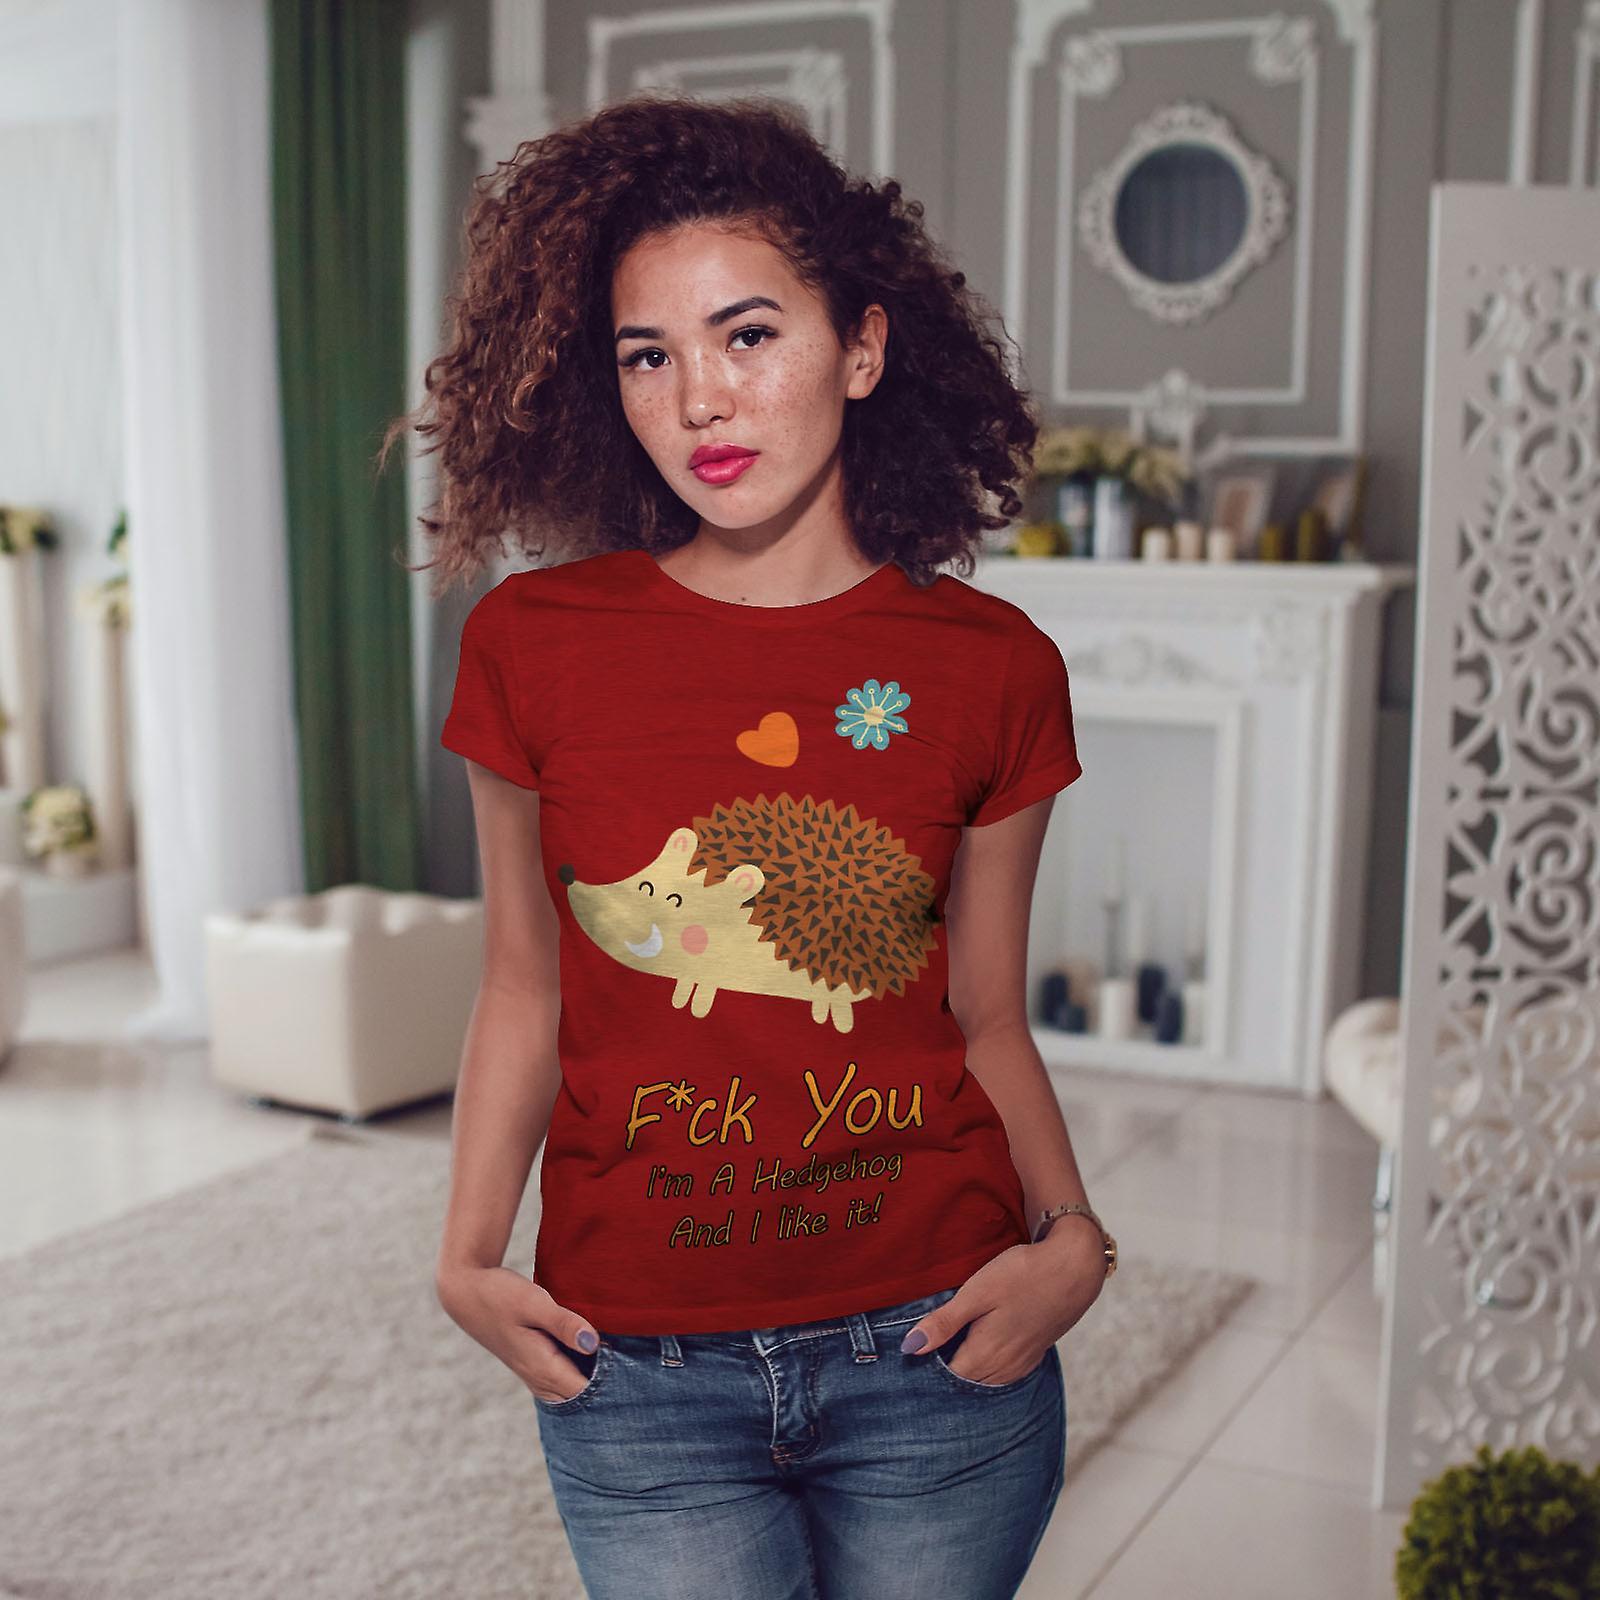 Hérisson Cool Joke RedT-chemise femme   Wellcoda